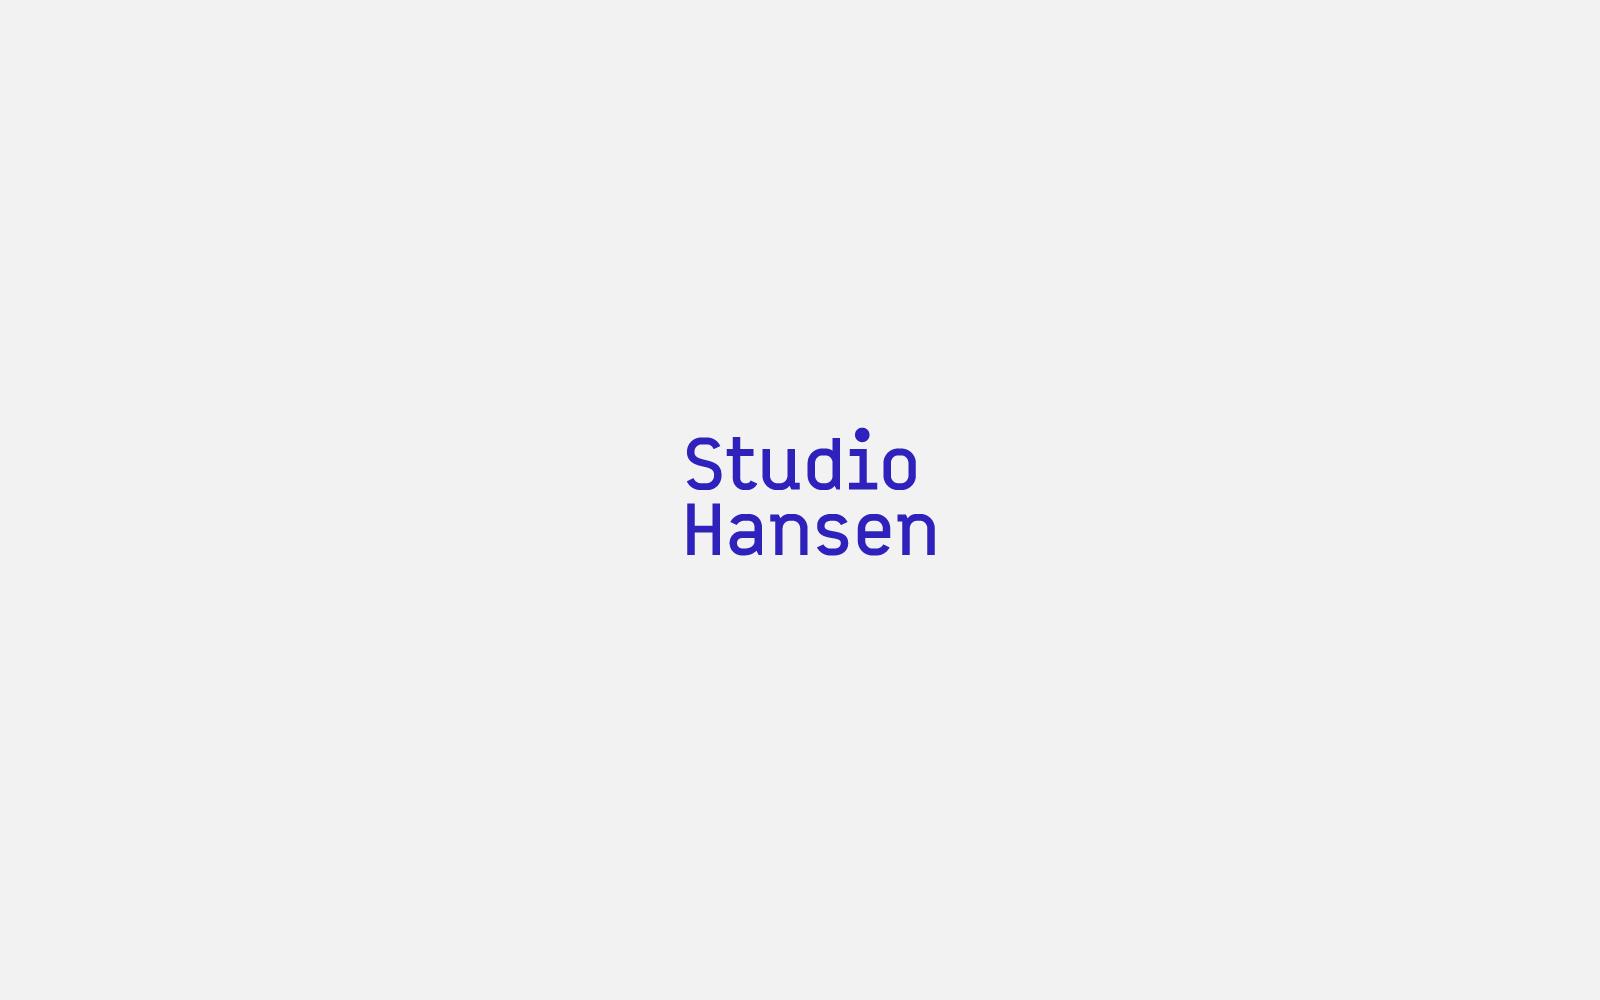 studio_hansen__heydays_02